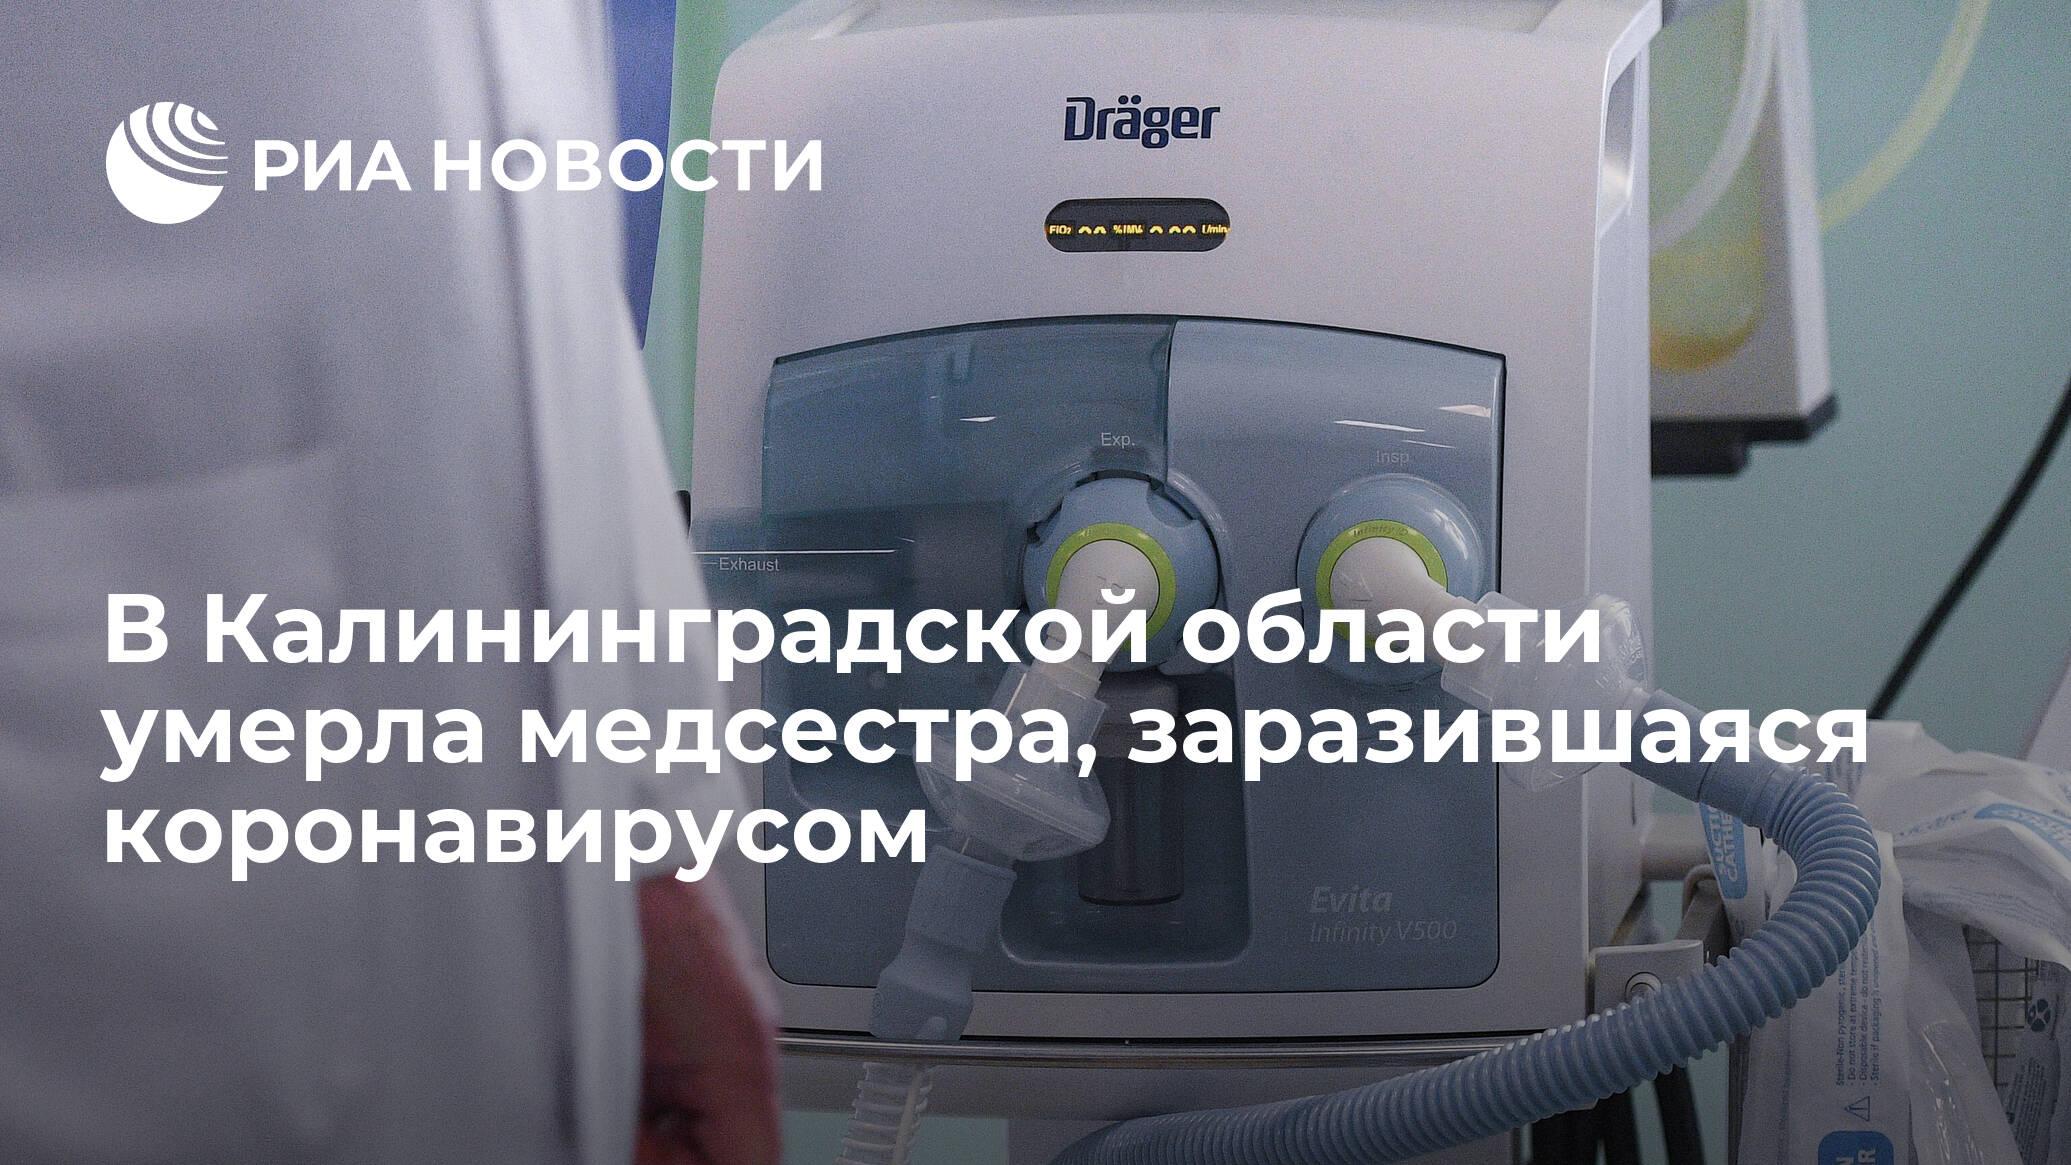 В Калининградской области умерла медсестра, заразившаяся коронавирусом - РИА НОВОСТИ